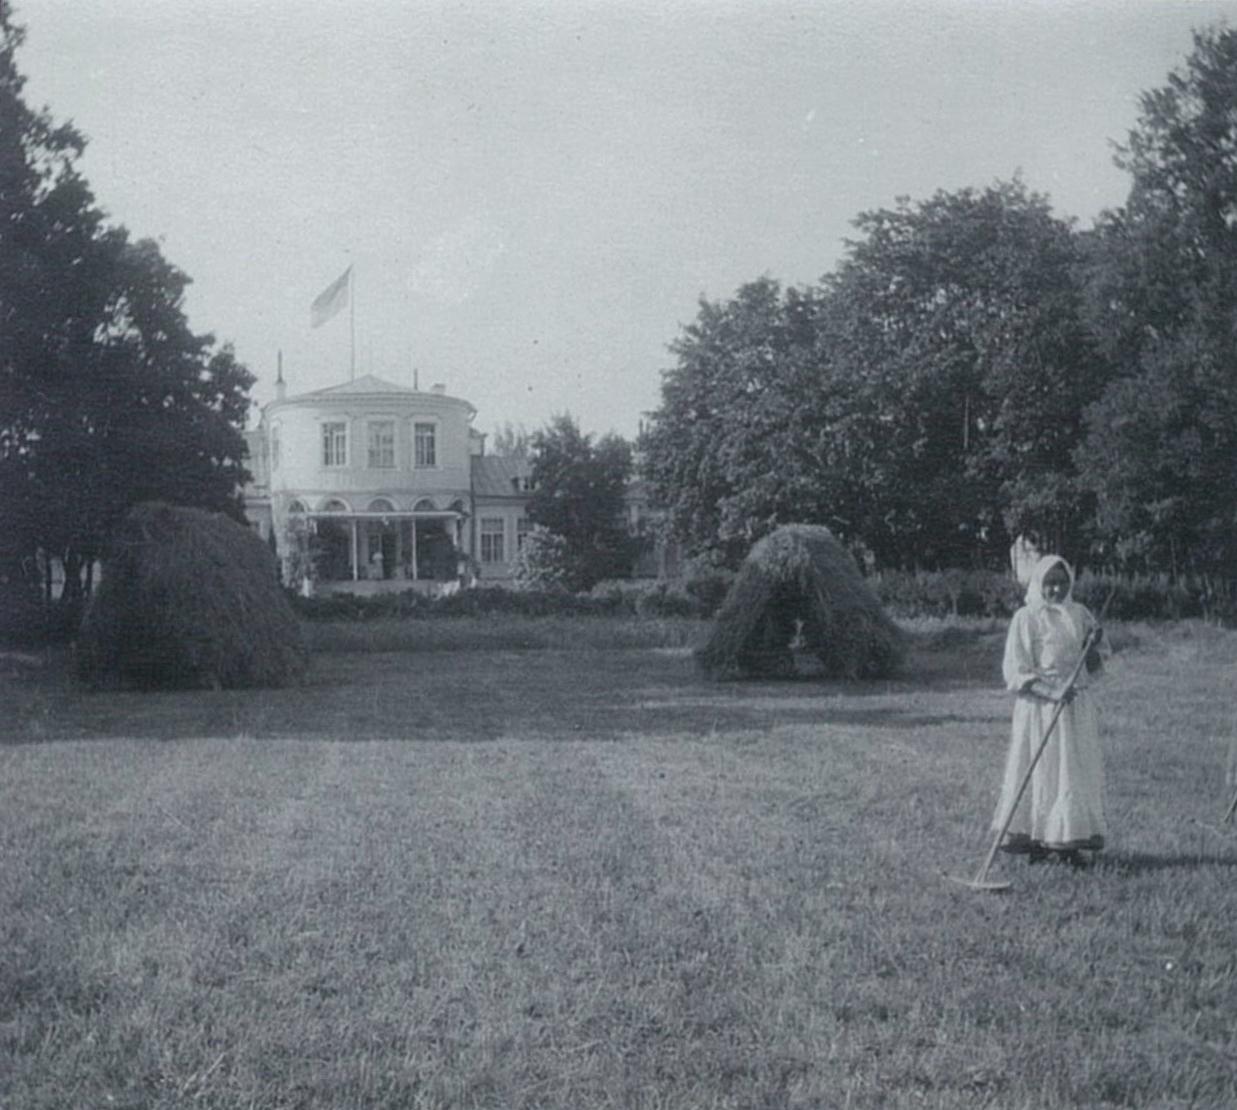 Луг со стогами сена перед садовым фасадом усадебного дома